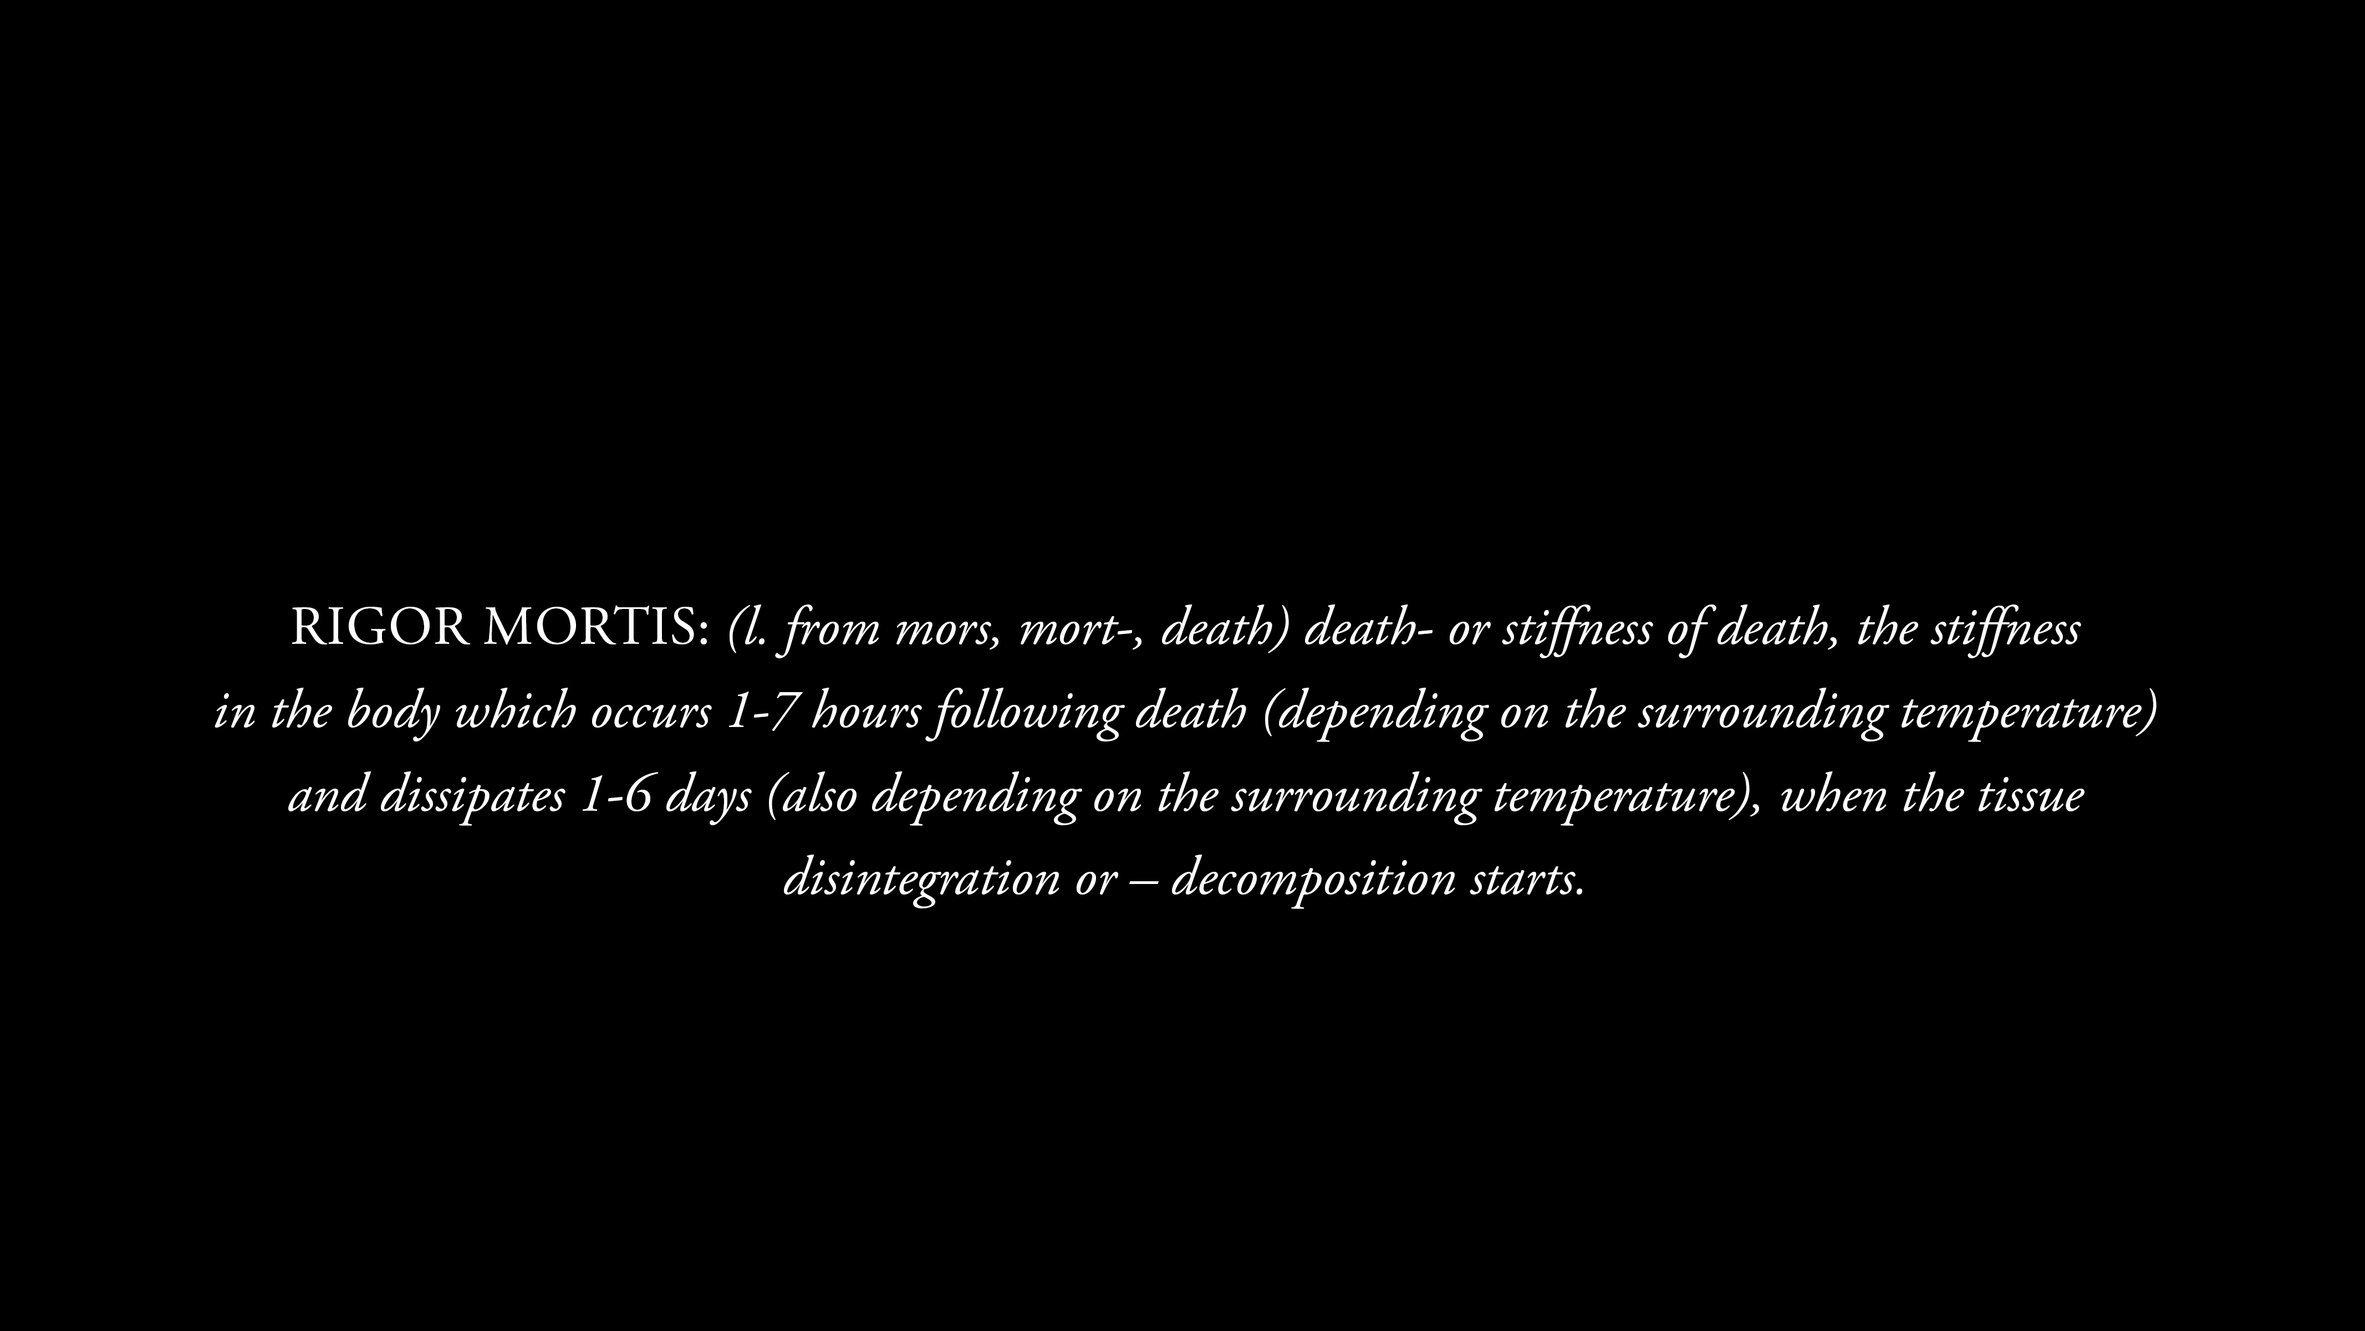 RIGOR MORTIS.jpg